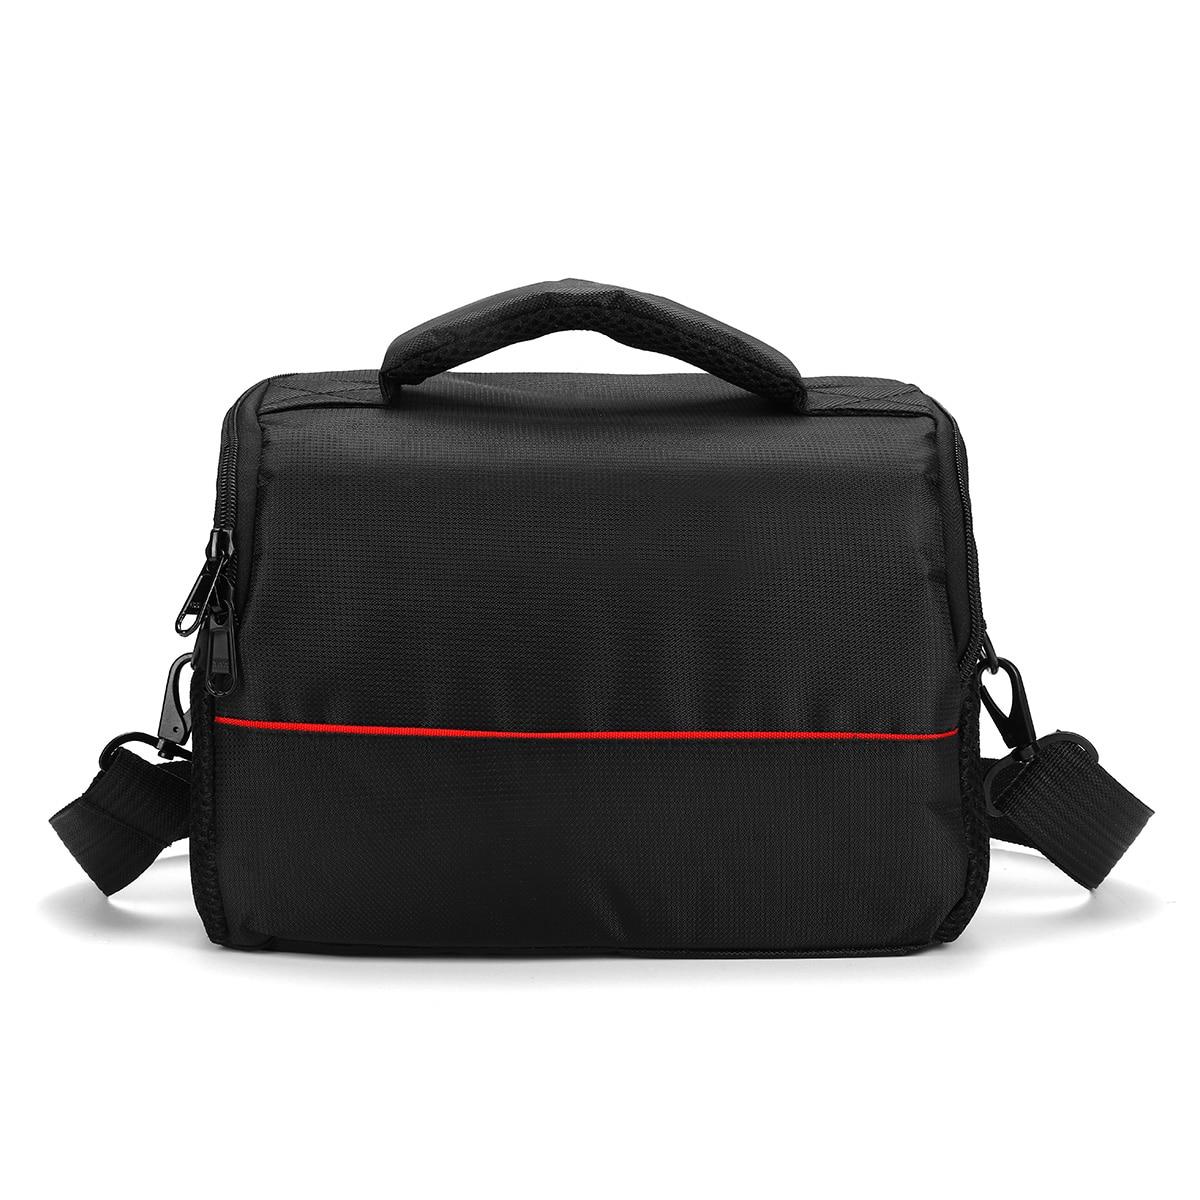 Shockproof DSLR Camera Shoulder Case Bag Black Nylon Hand Carry Adjustable Spacious Inner Two Inside Pockets Protect Damaged